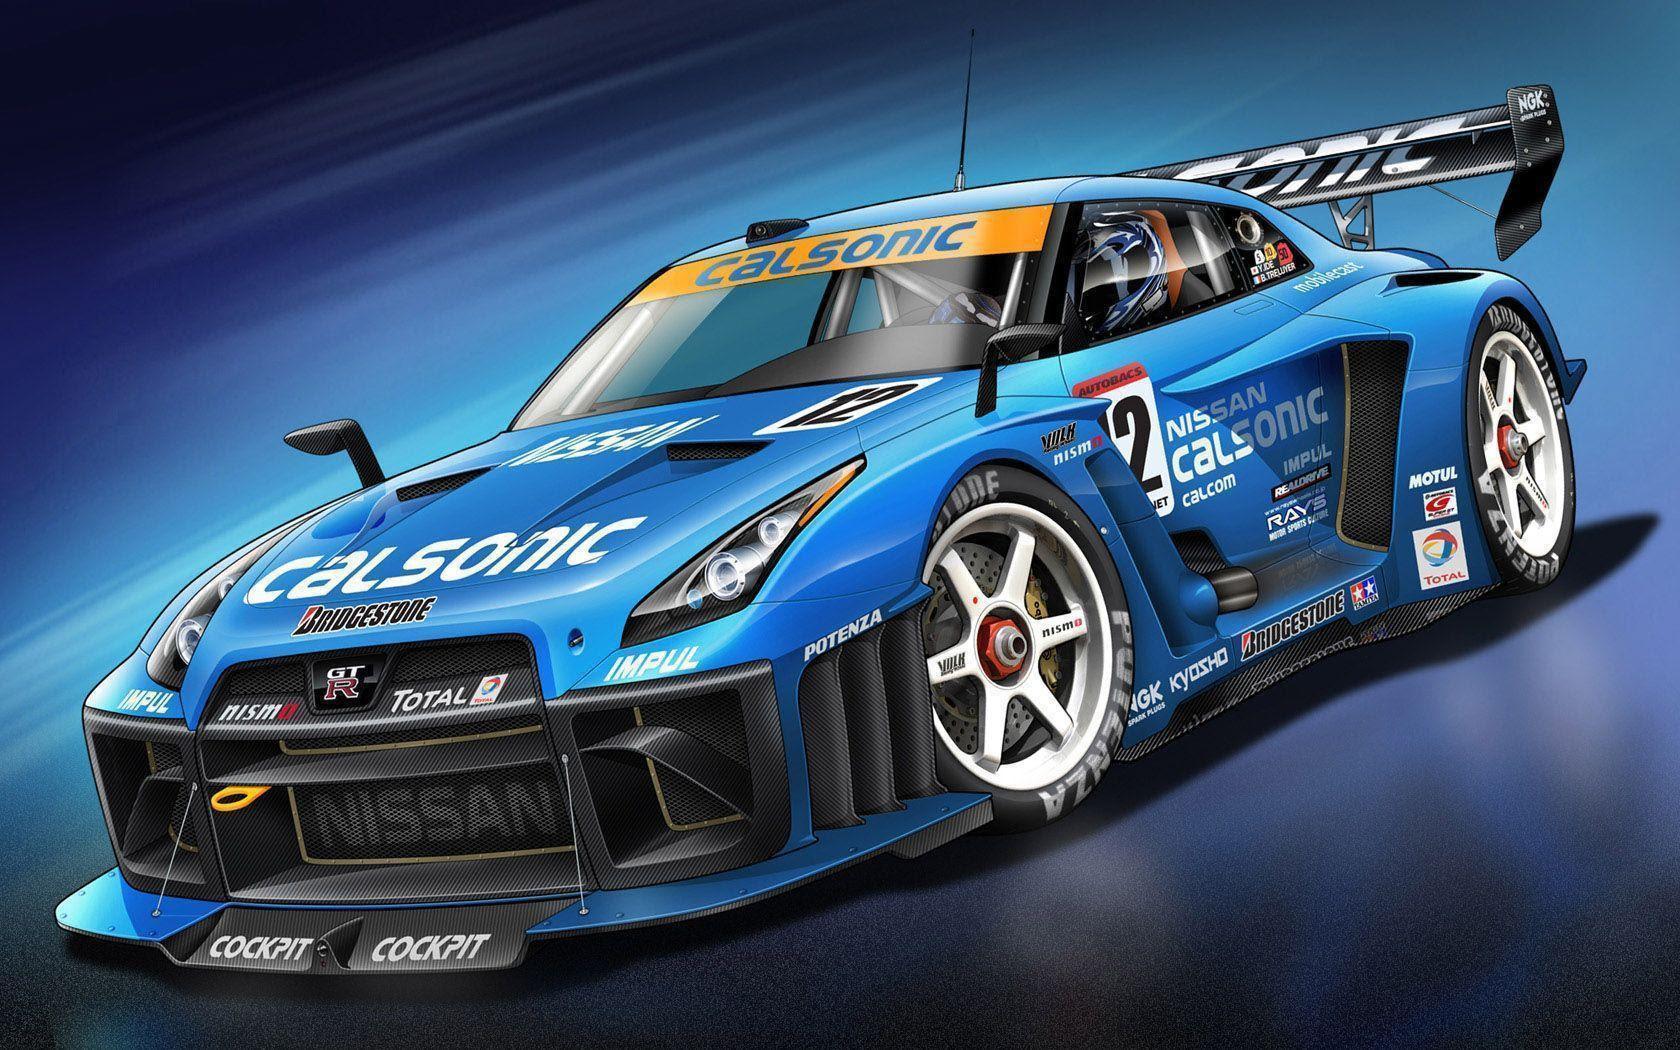 Racing Car Wallpapers - Wallpaper Cave